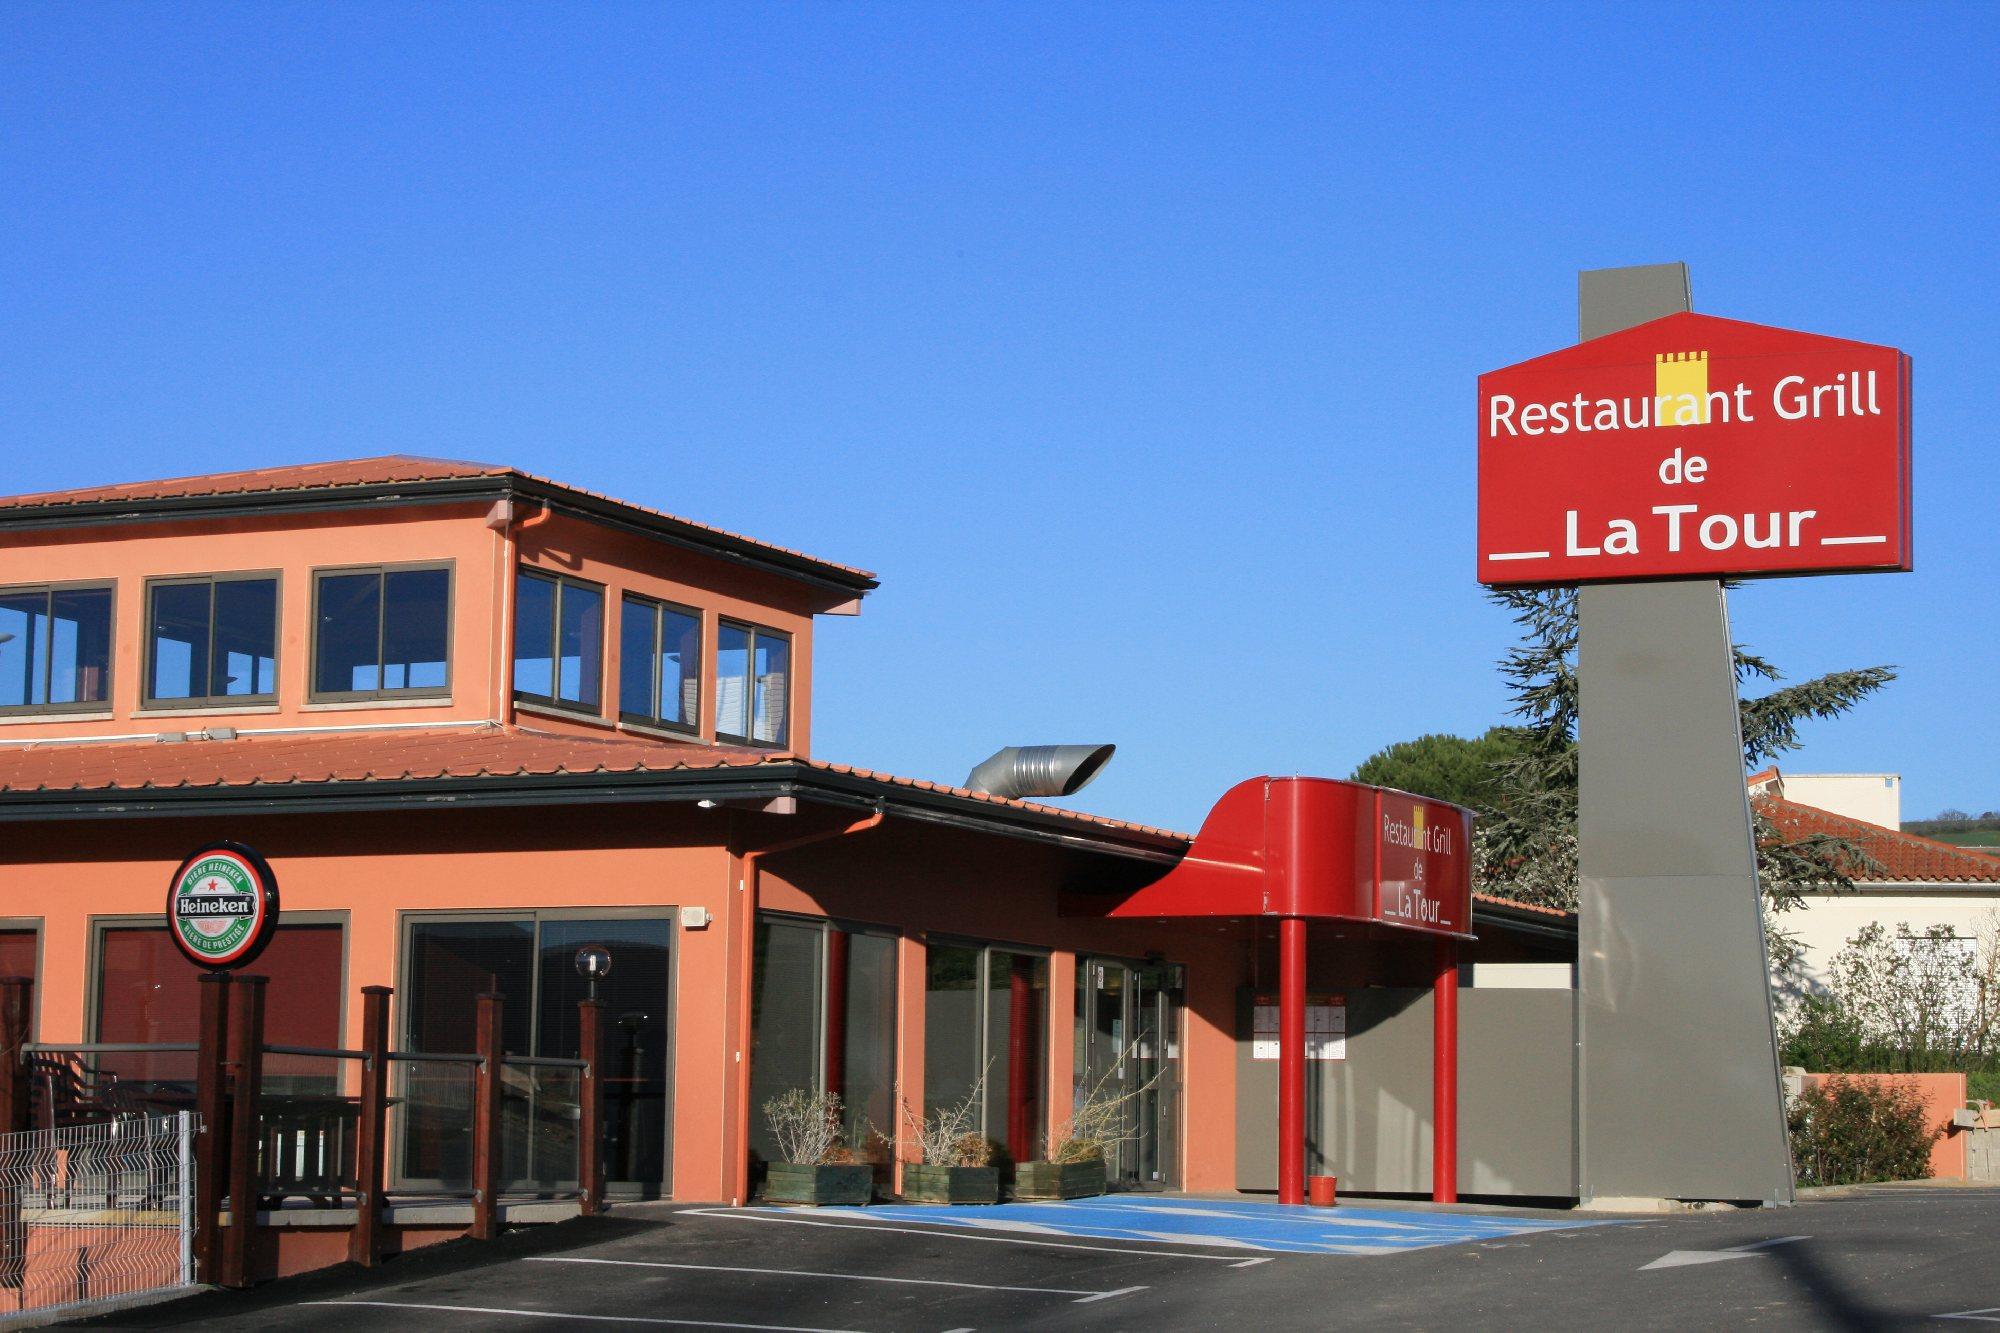 Restaurant Grill De La Tour